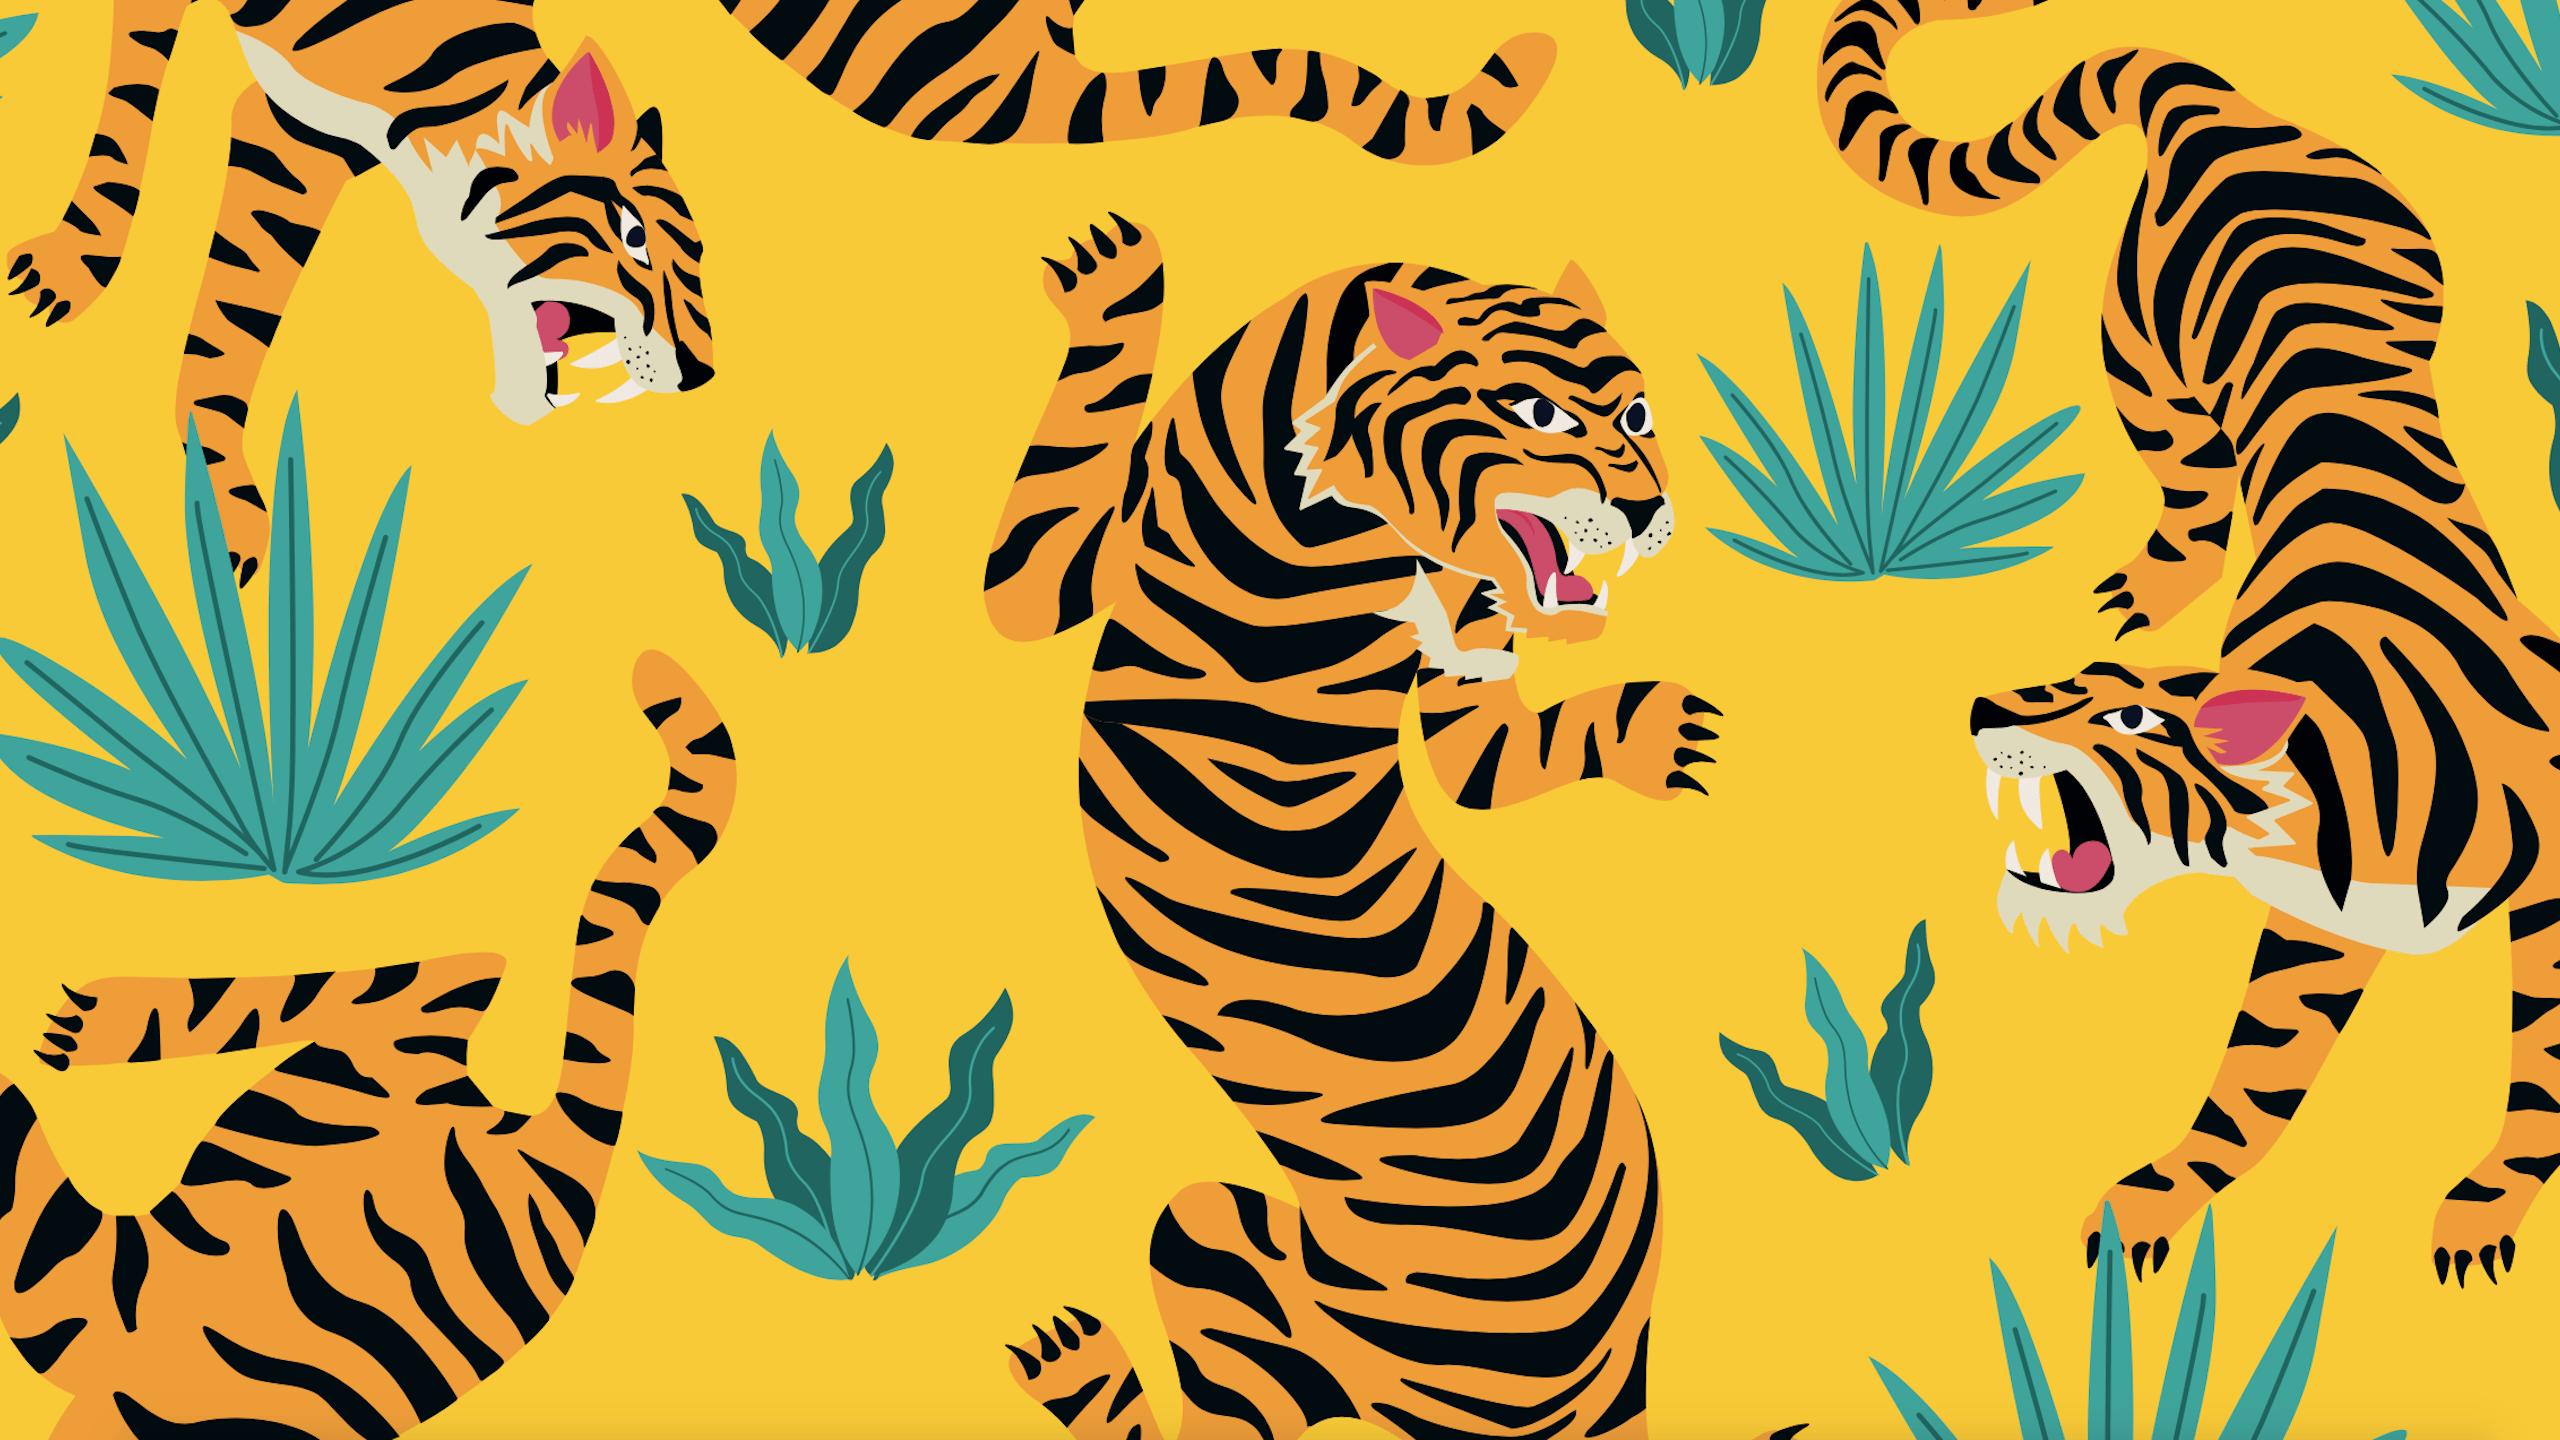 Digita_ services_tiger_illustration